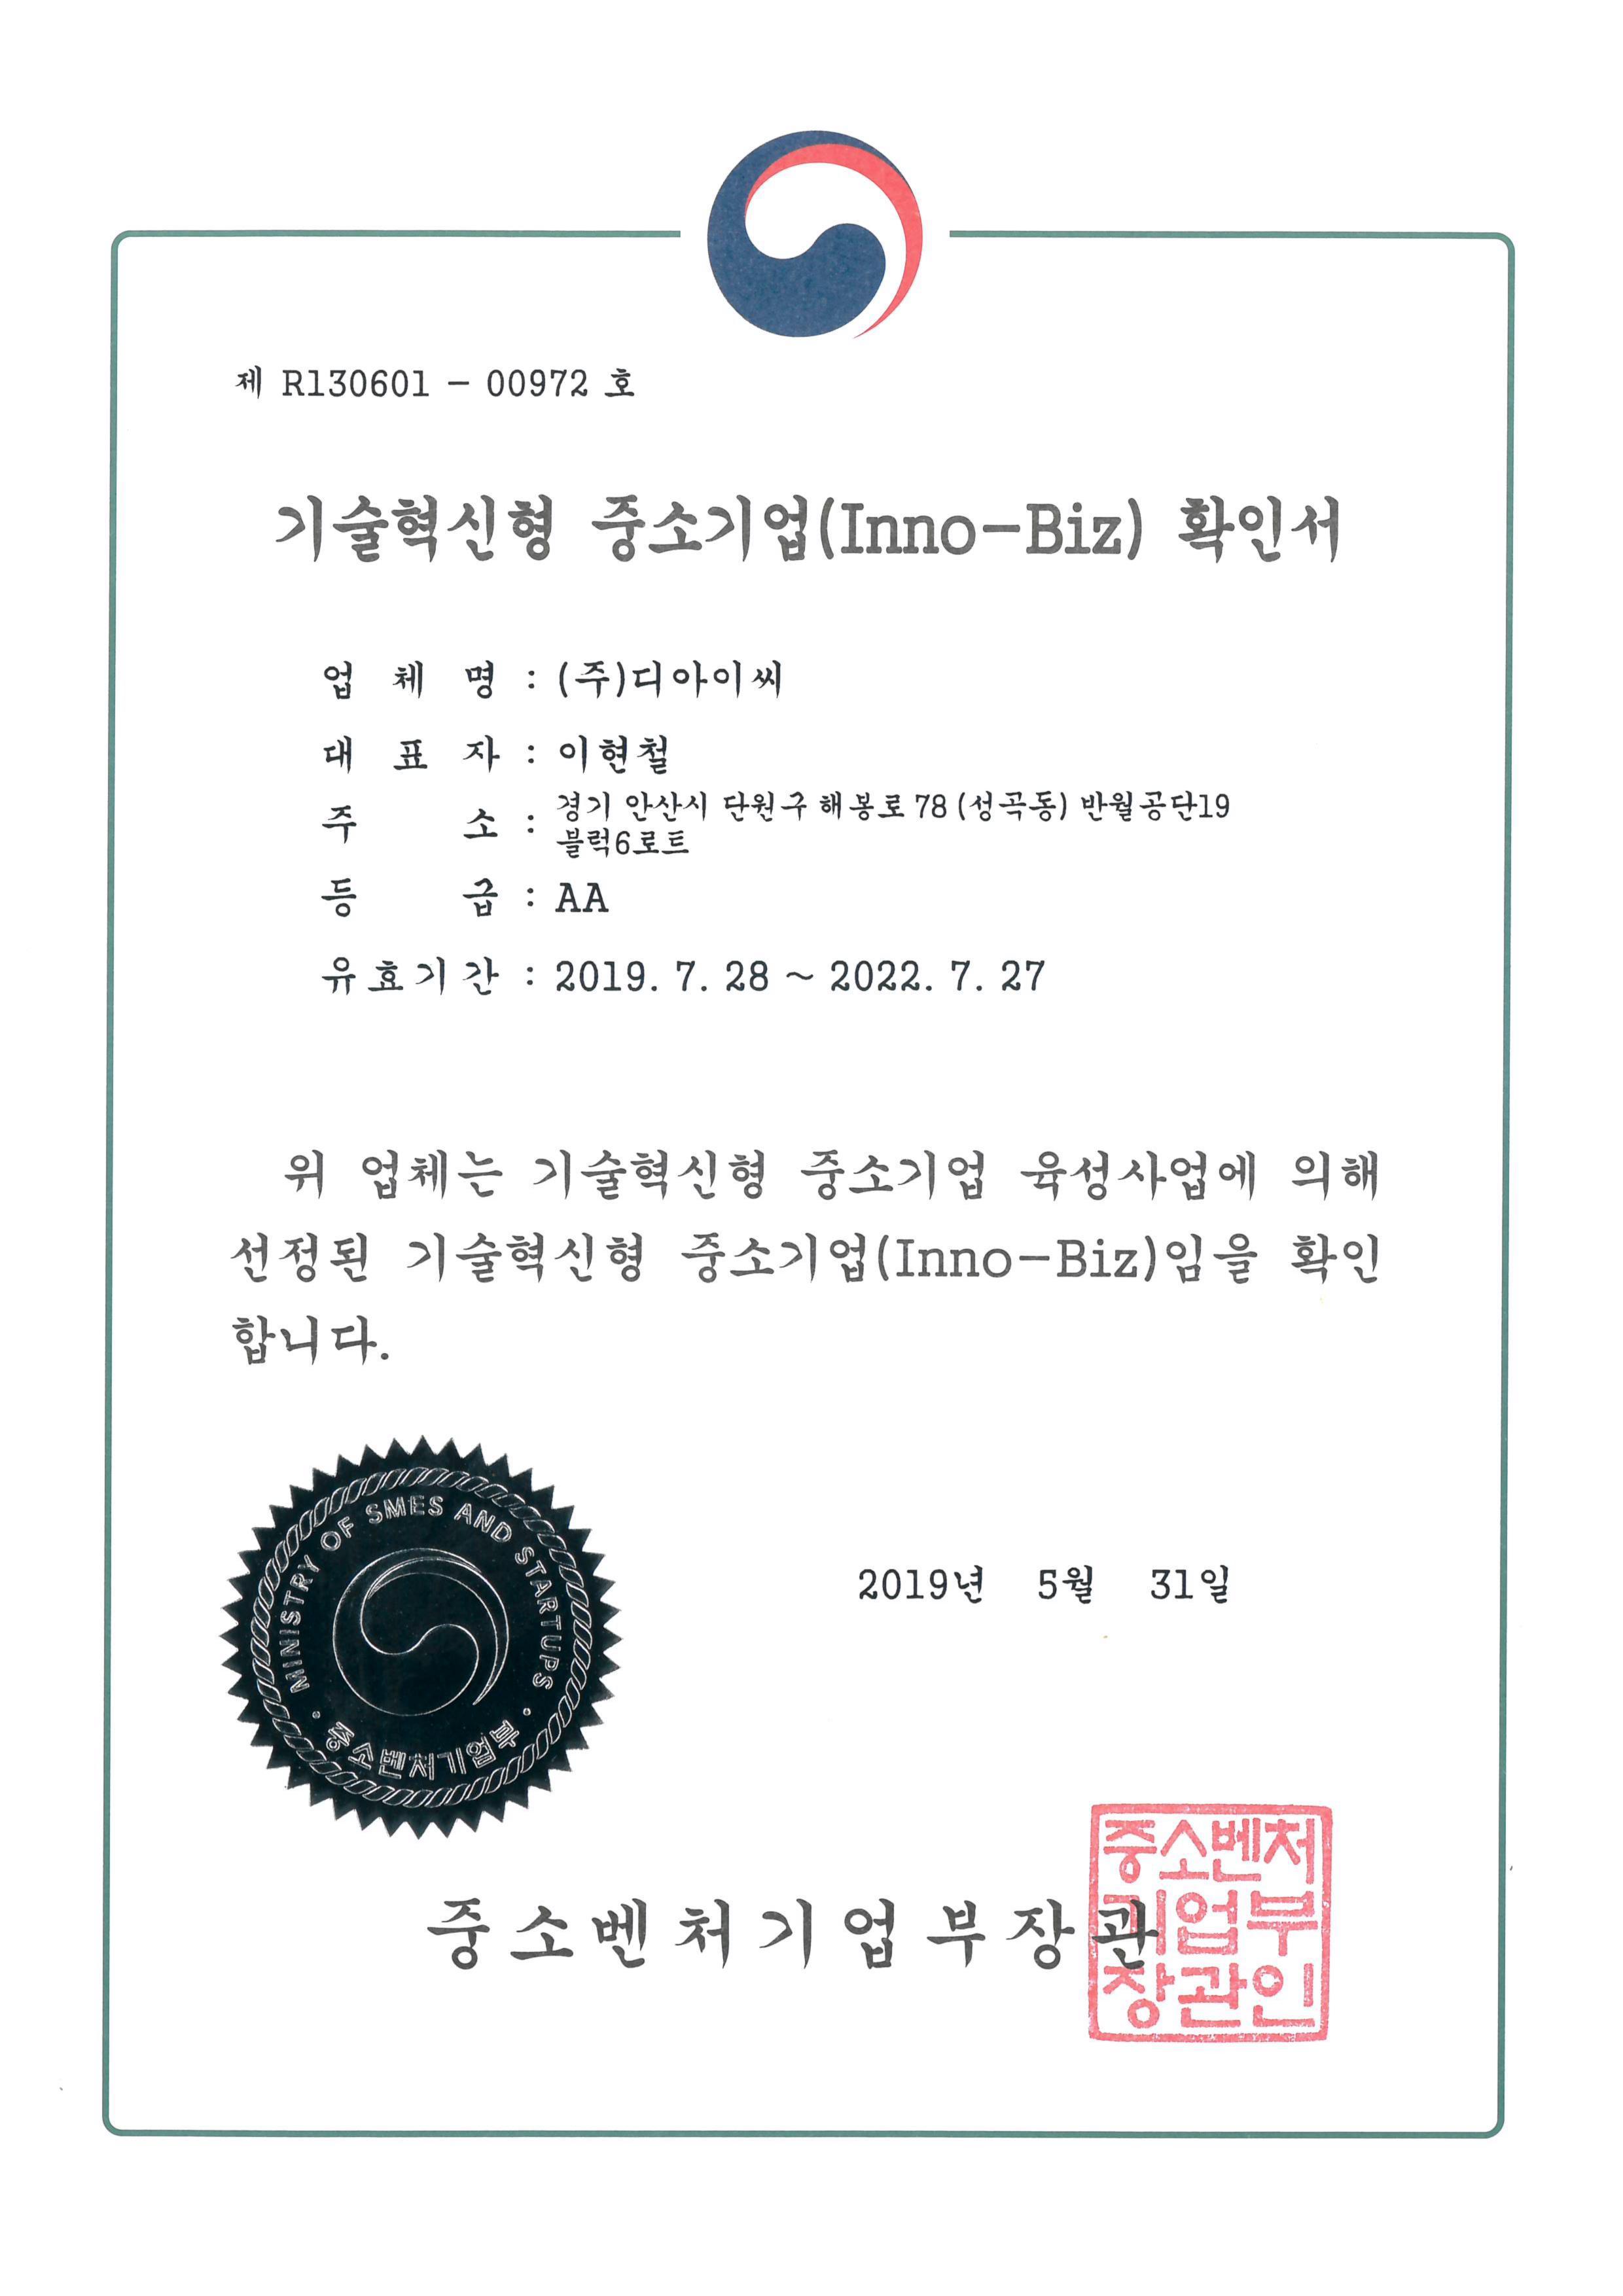 이노비즈기술혁신형중소기업확인서_190728-220727